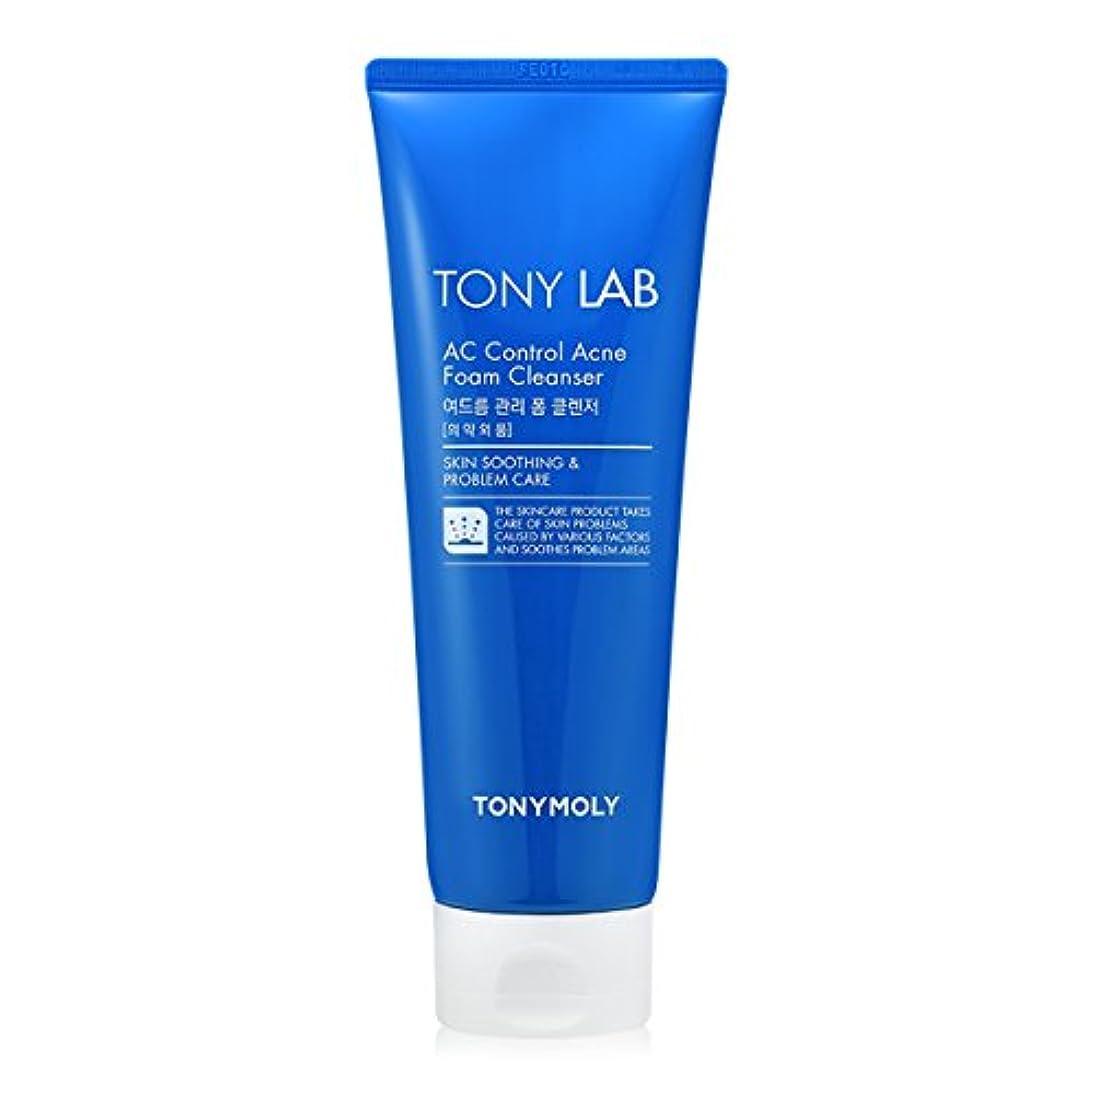 本質的に捧げる年次[New] TONYMOLY Tony Lab AC Control Acne Foam Cleanser 150ml/トニーモリー トニー ラボ AC コントロール アクネ フォーム クレンザー 150ml [並行輸入品]